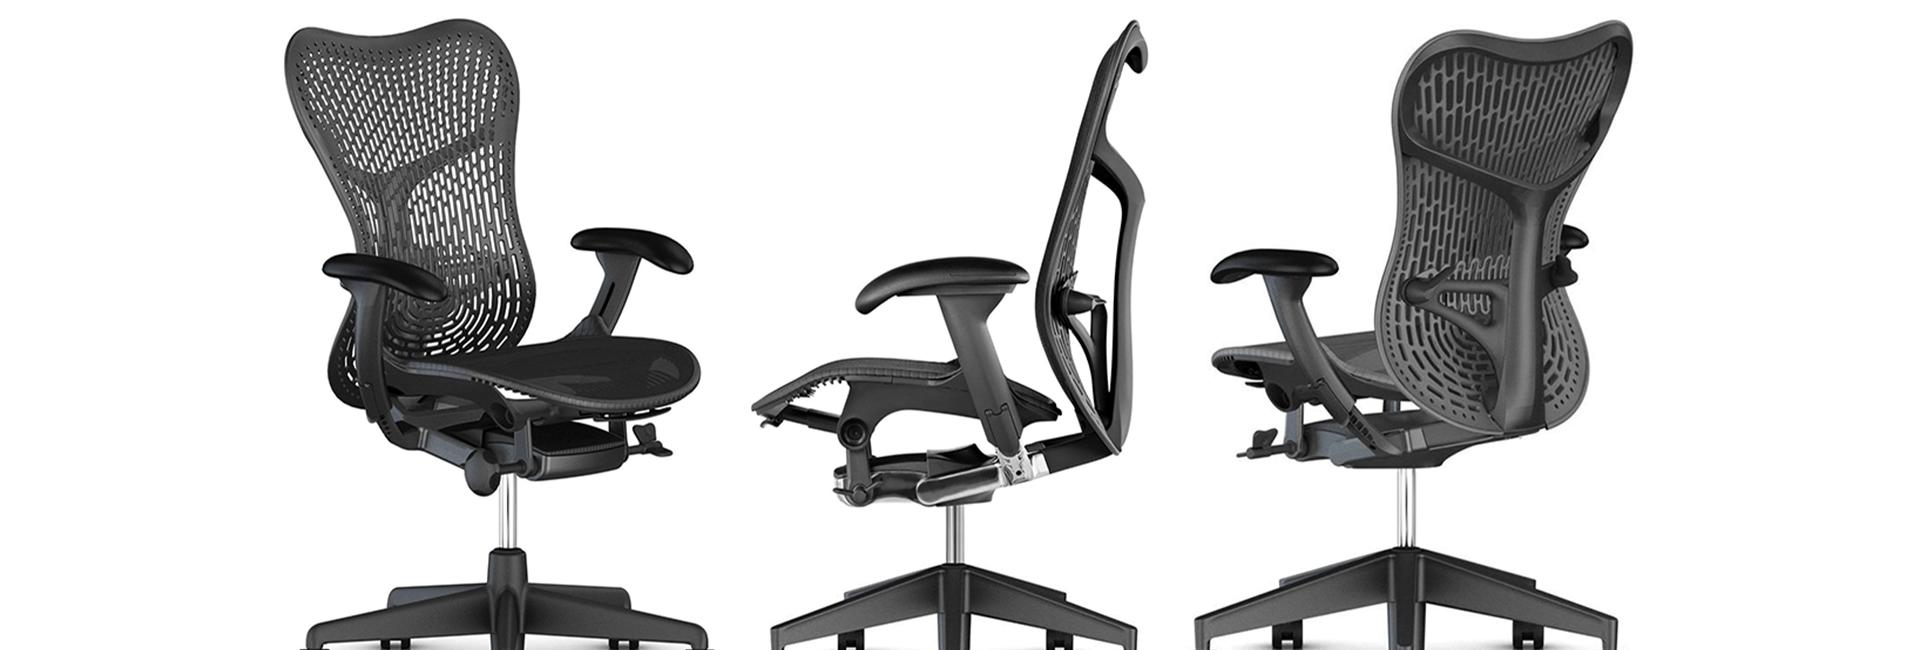 chairs_headers